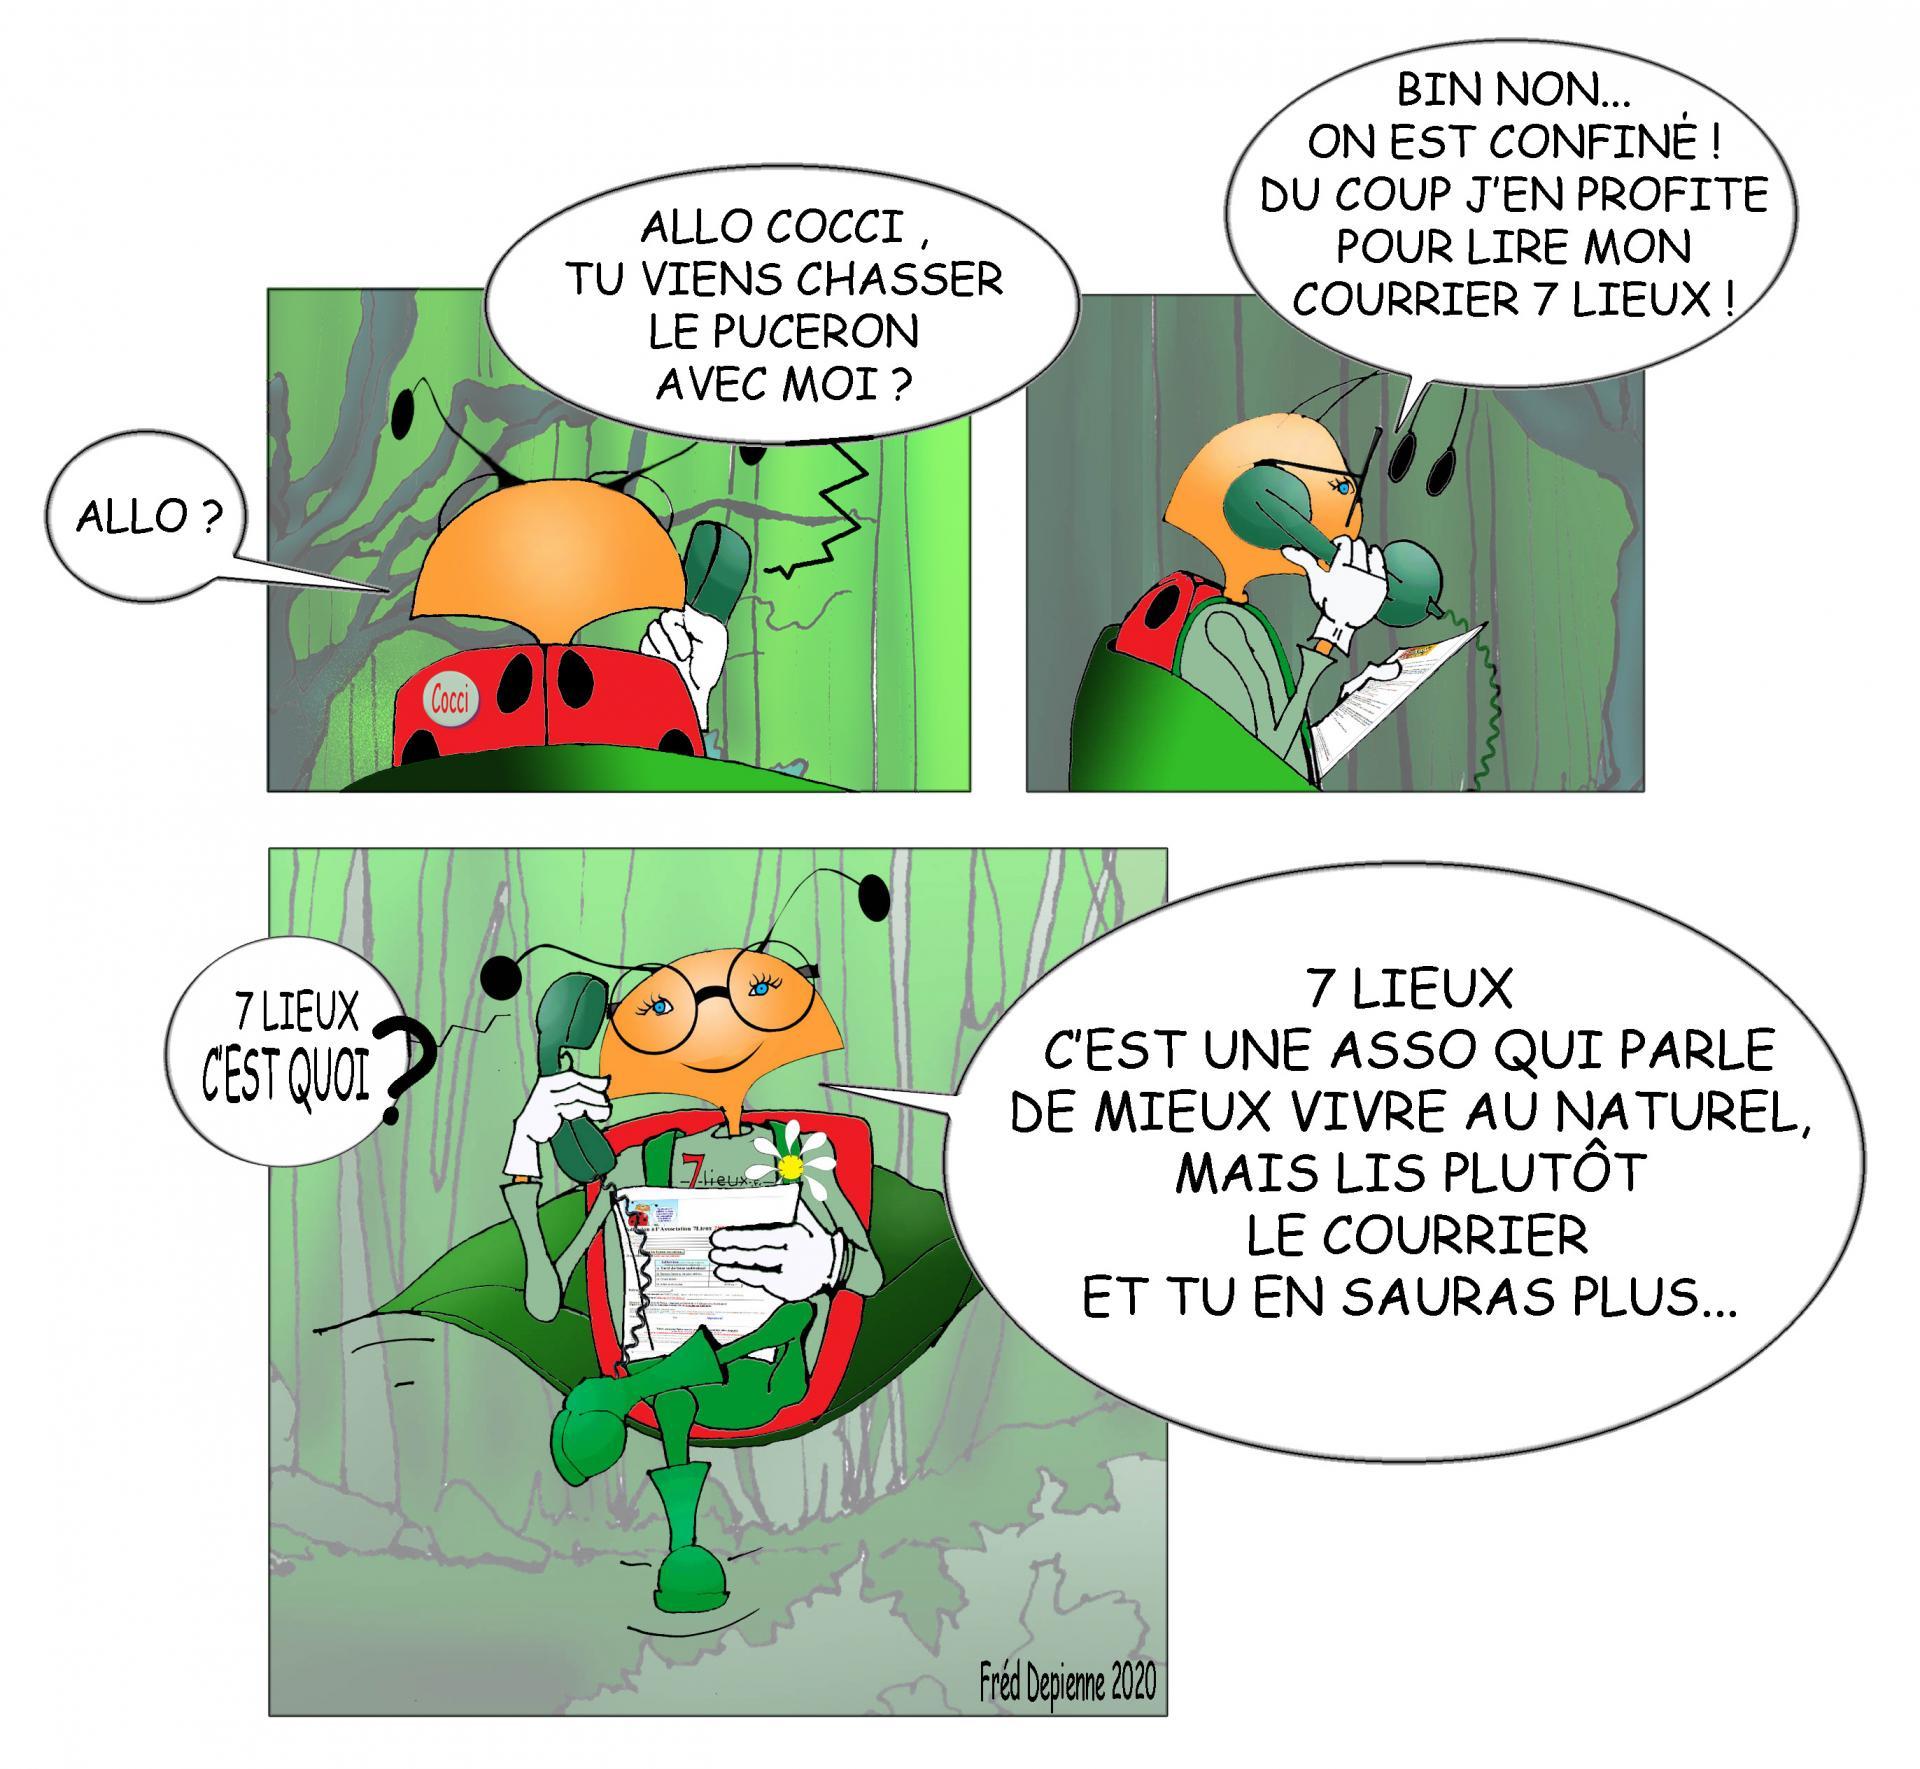 Cocci 7Lieux